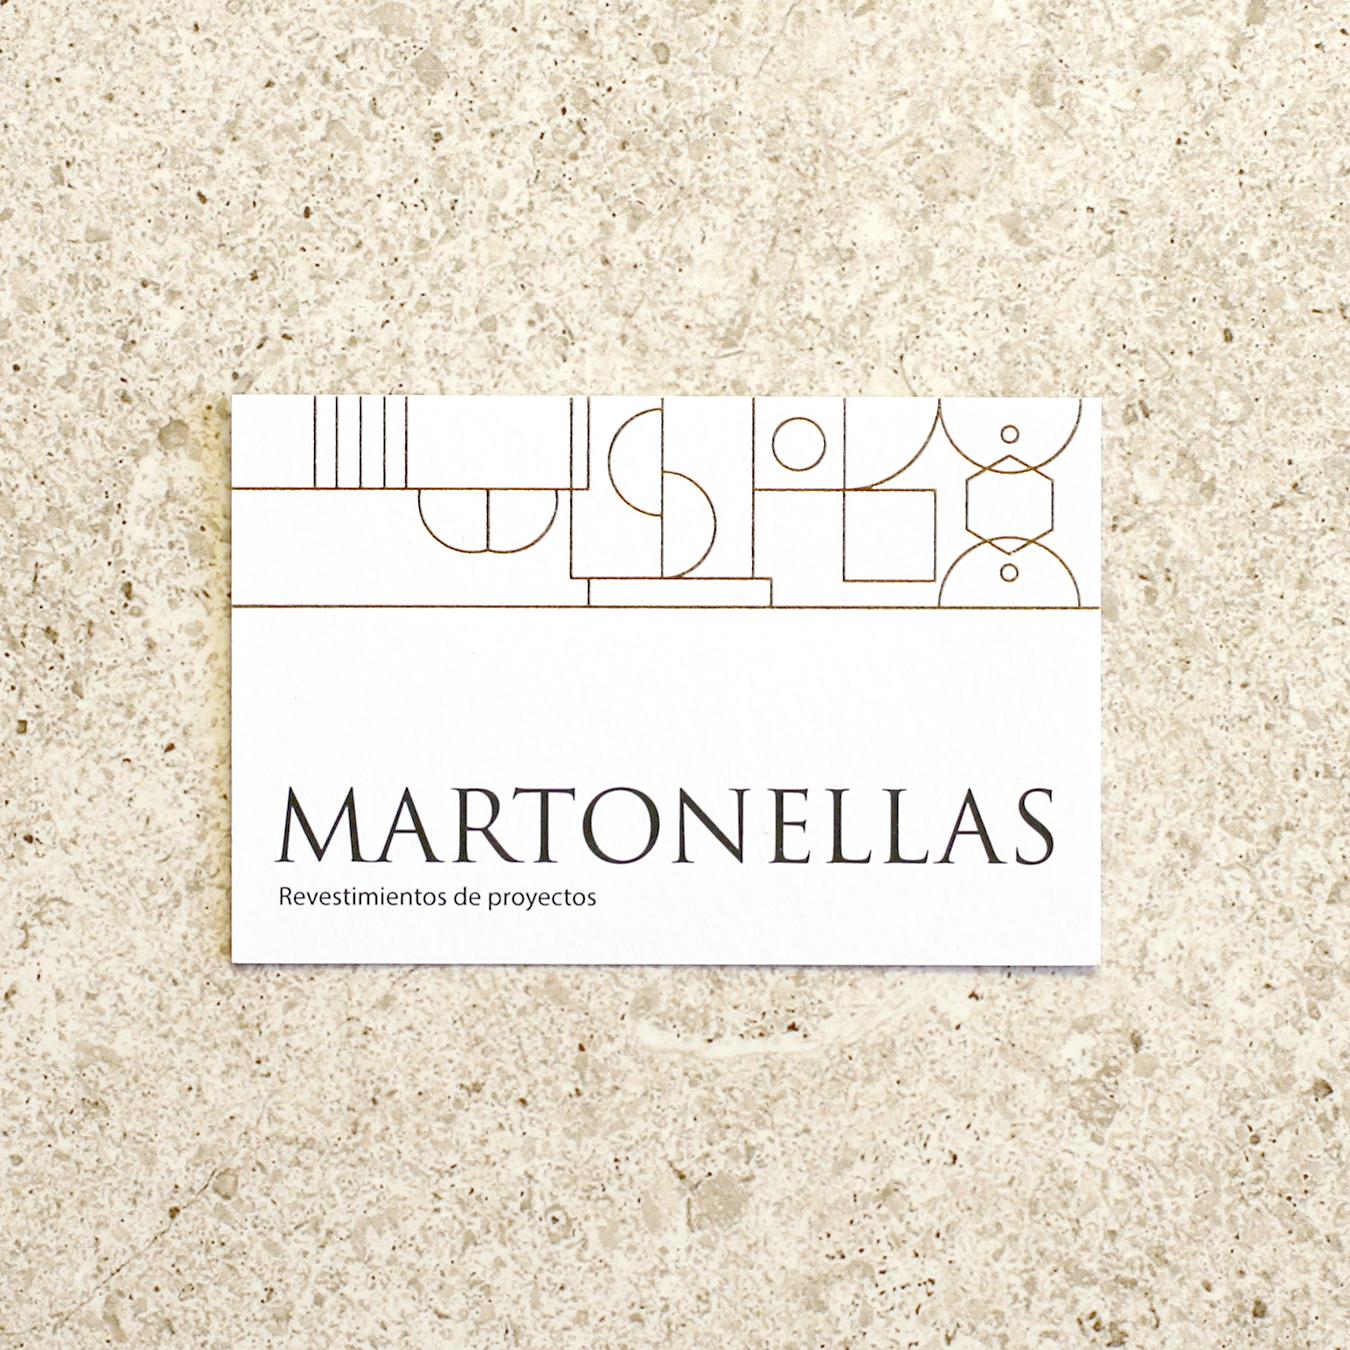 TARJETA-MARTONELLAS